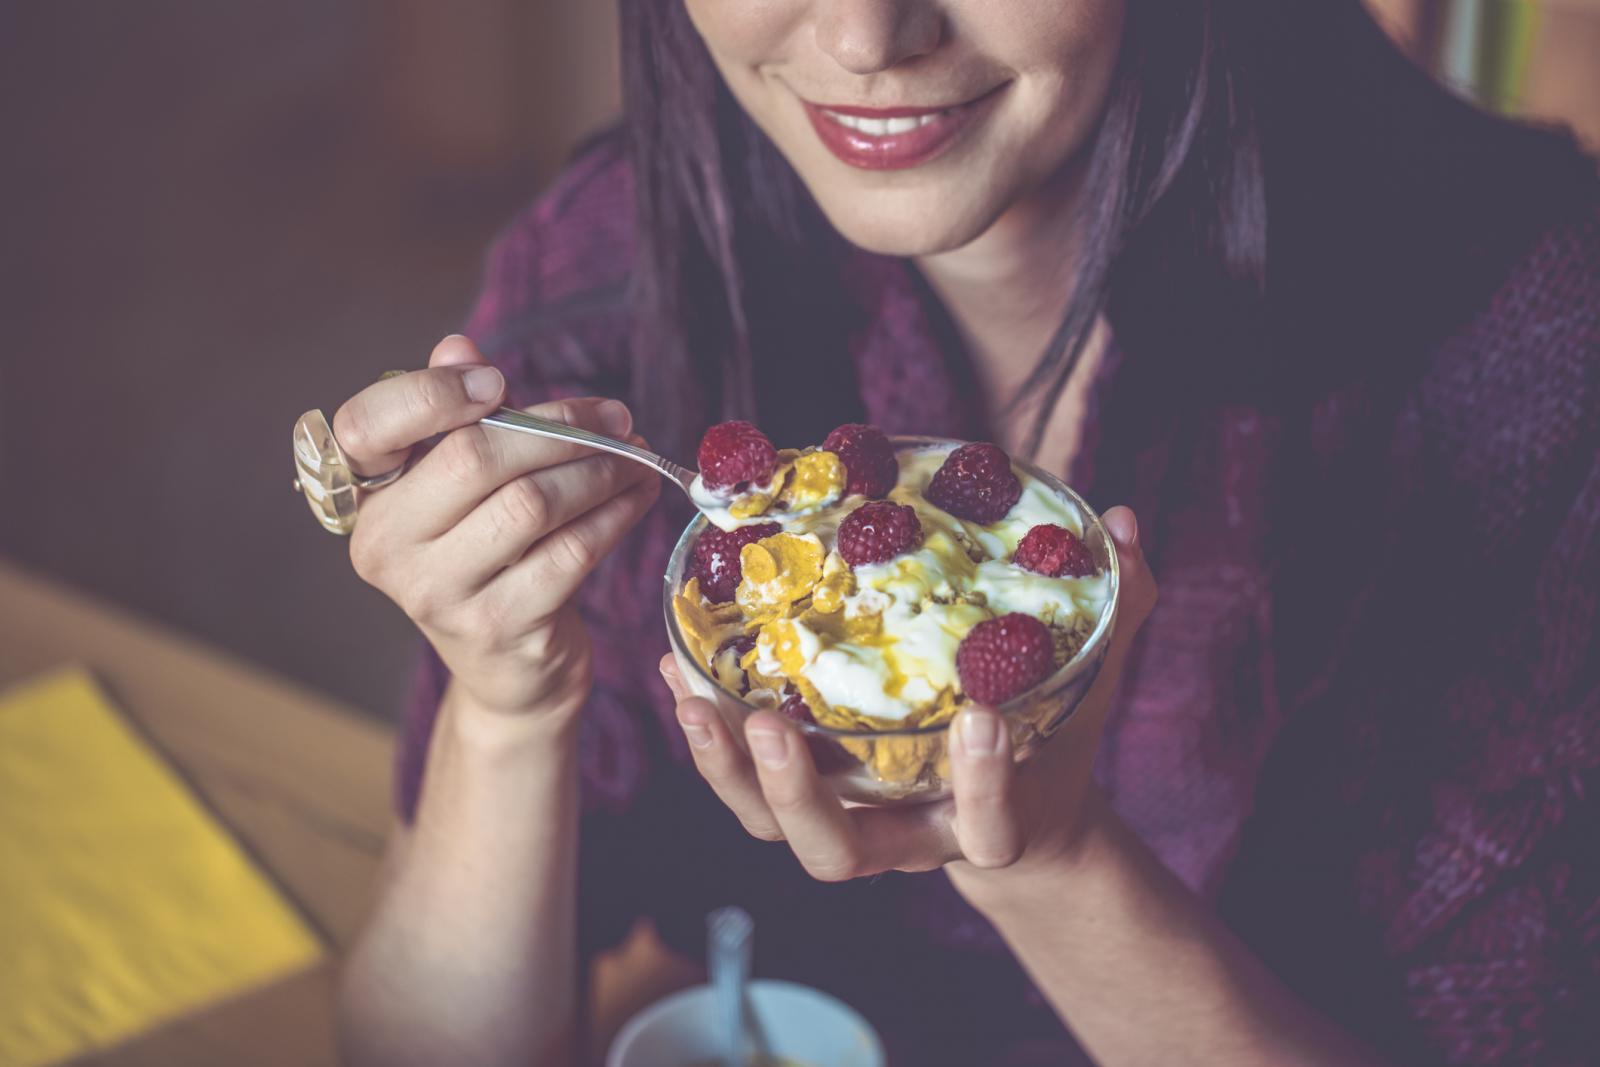 Jeste li znali da su maline i različite žitne pahuljice kombinacija za čistu peticu?